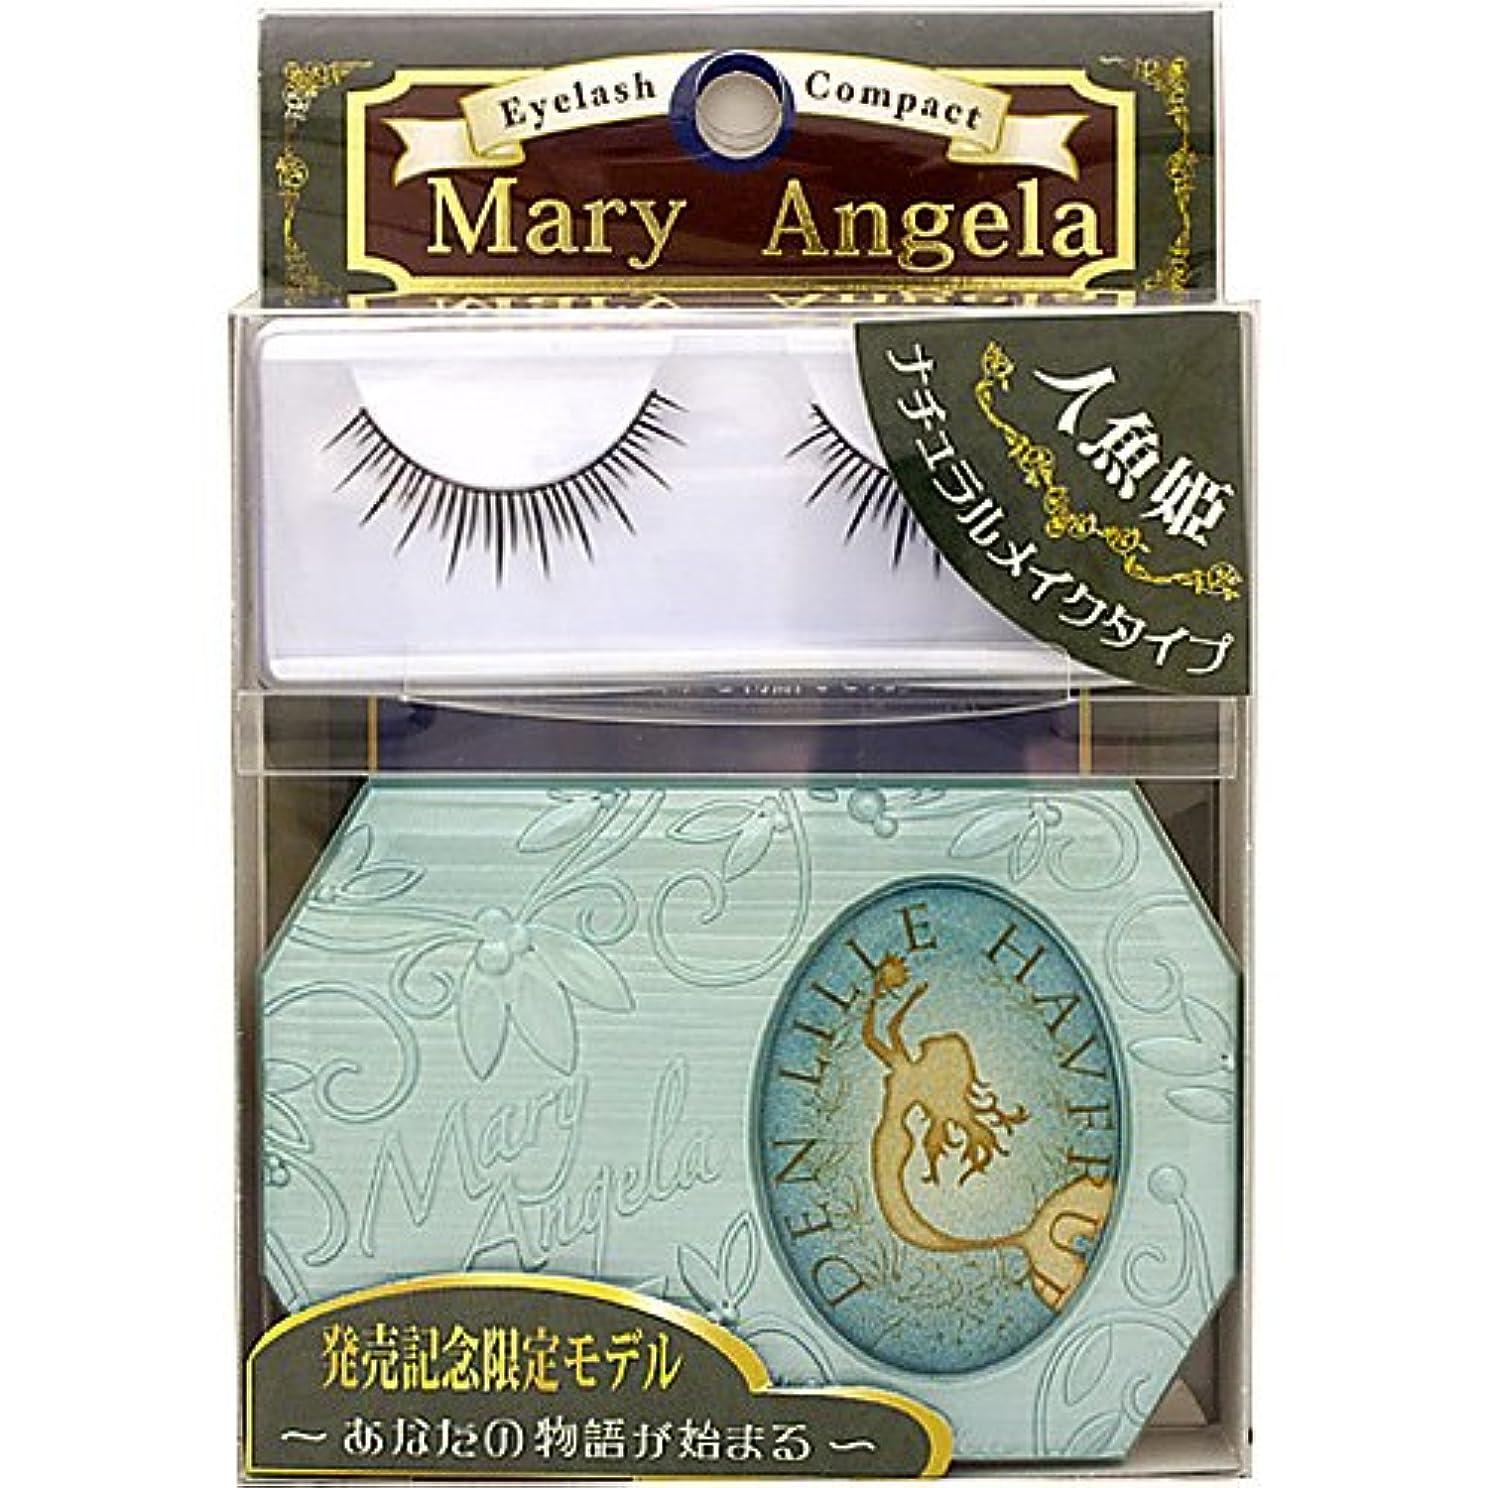 エピソードきしむシャットMILCA ミルカ MaryAngela マリーアンジェラ つけまつげ&つけまつげケース 人魚姫